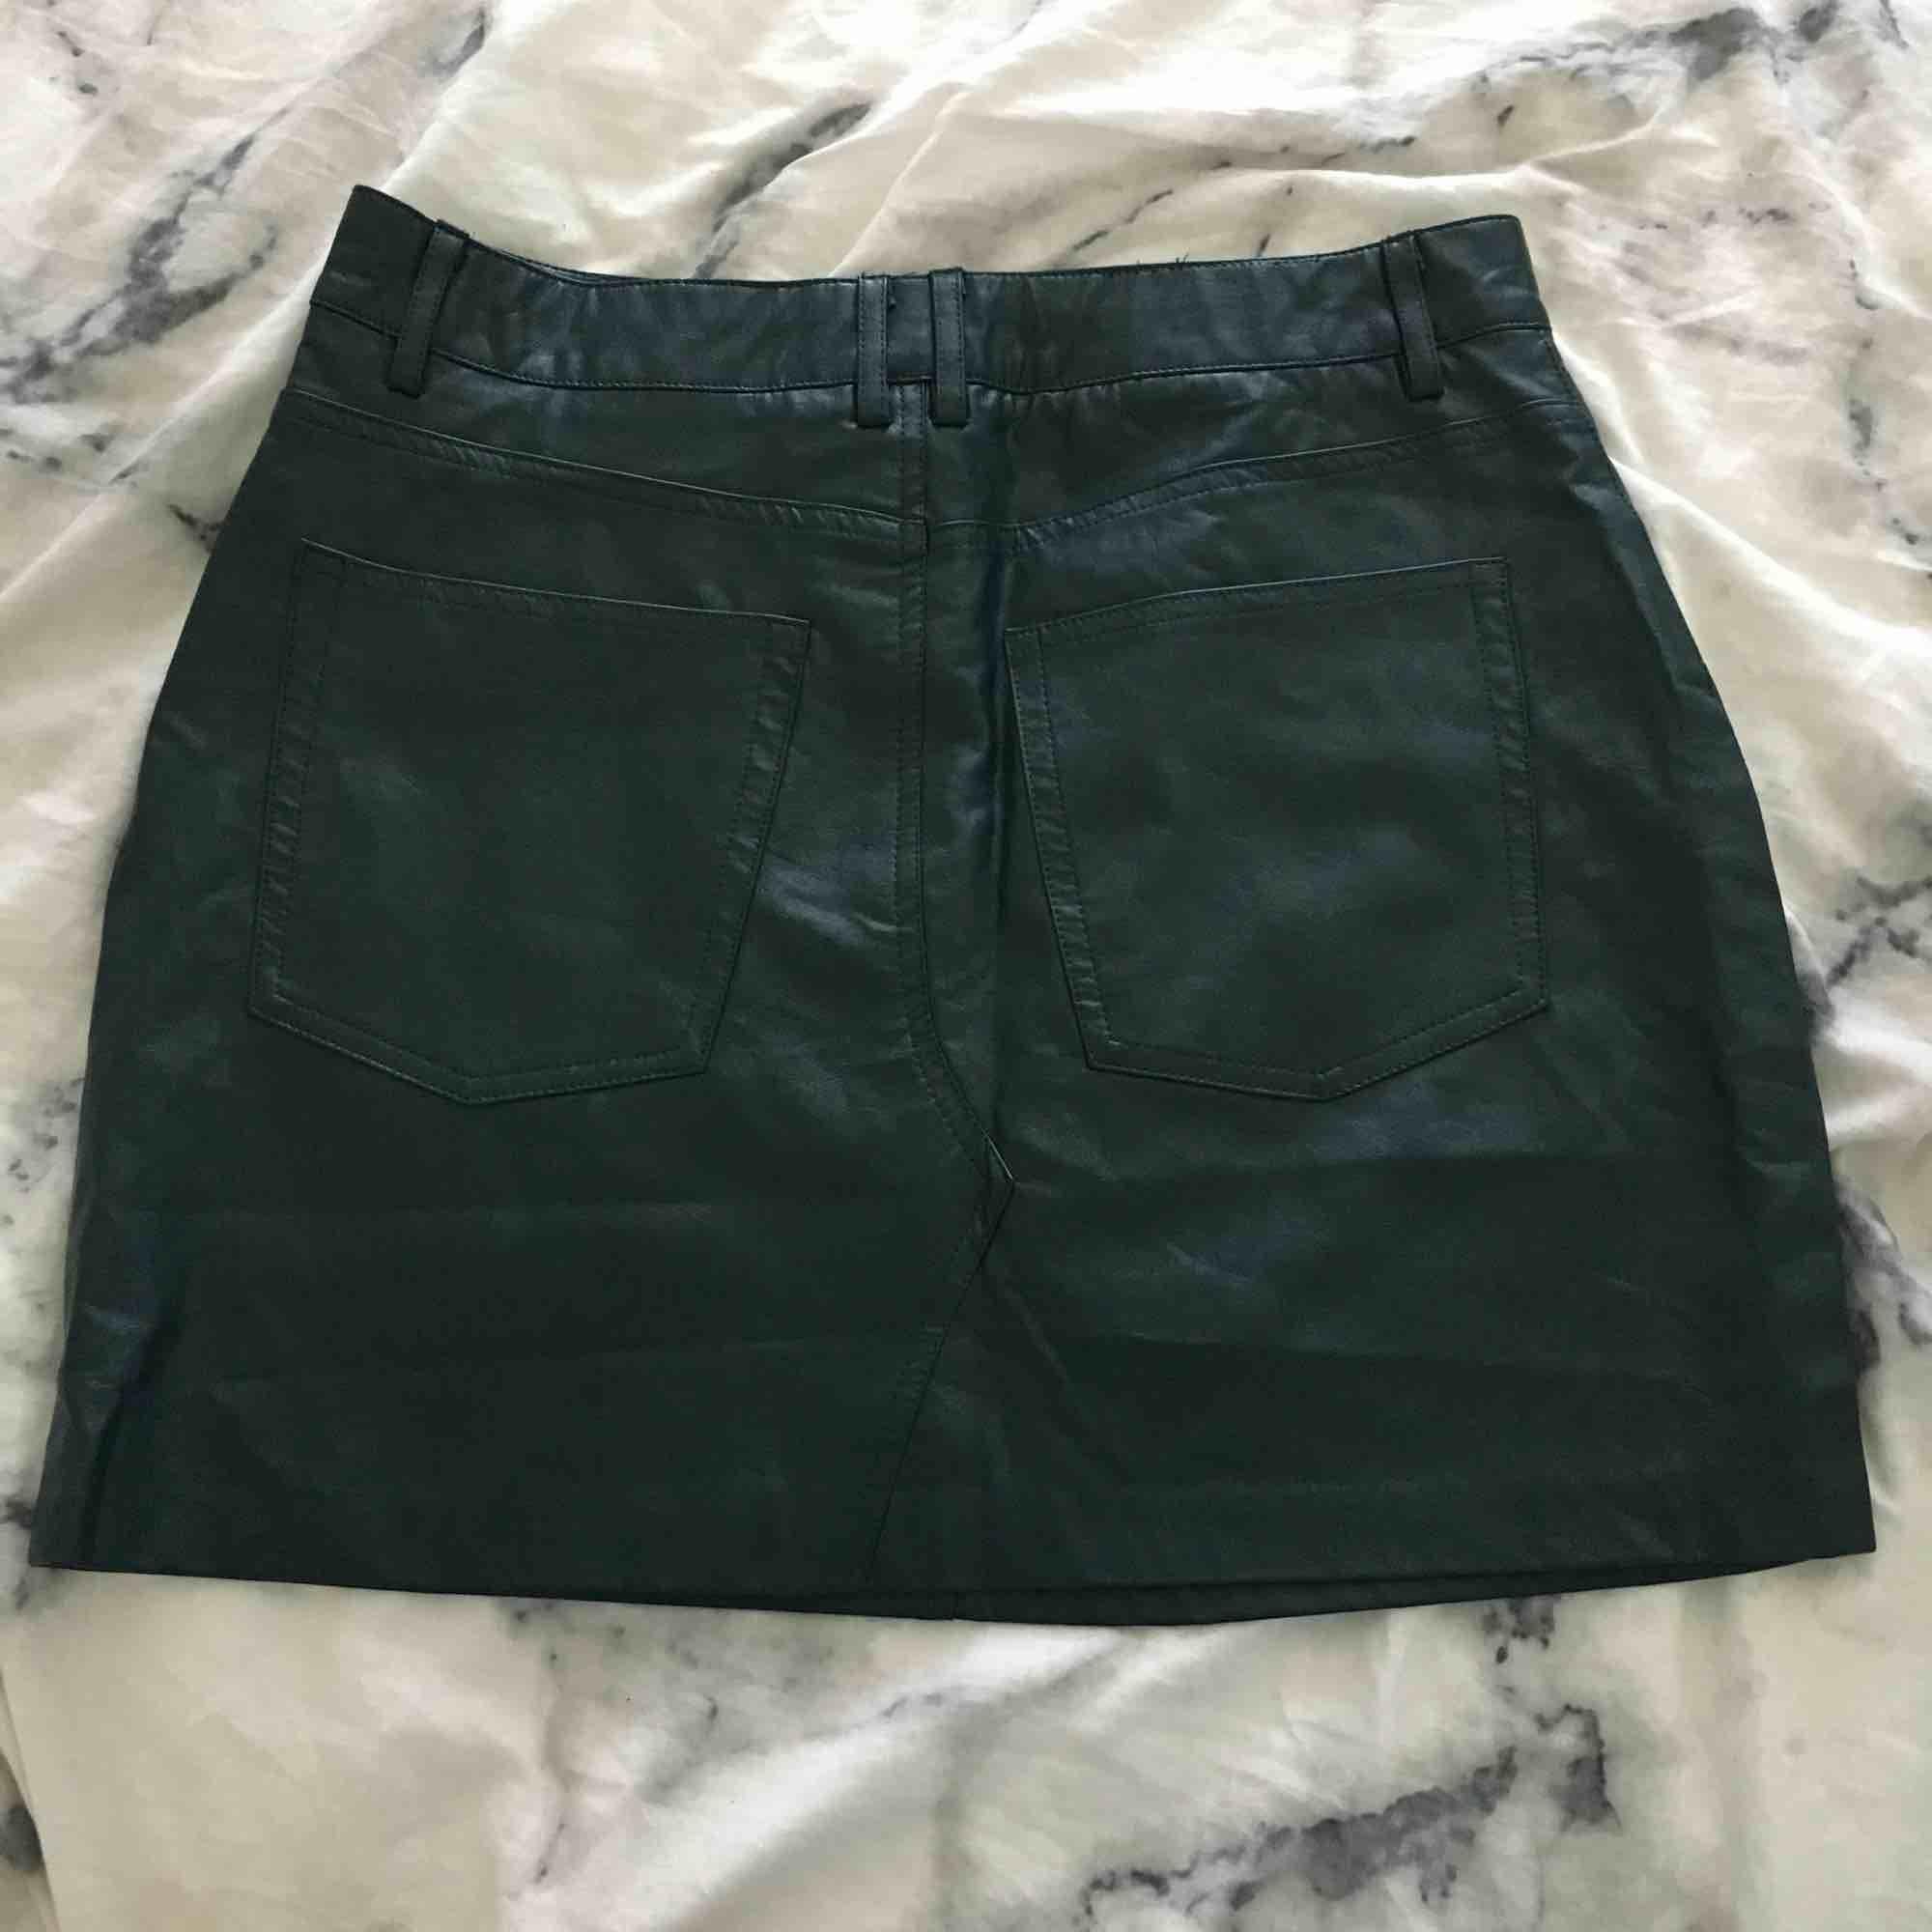 Jättesnygg tights mörkgrön skinnkjol. Säljer pga att jag aldrig har använt den. Köpt här på Plick så vet inte den exakta storleken men den är ungefär som S eller M. Köparen betalar för frakten :). Kjolar.